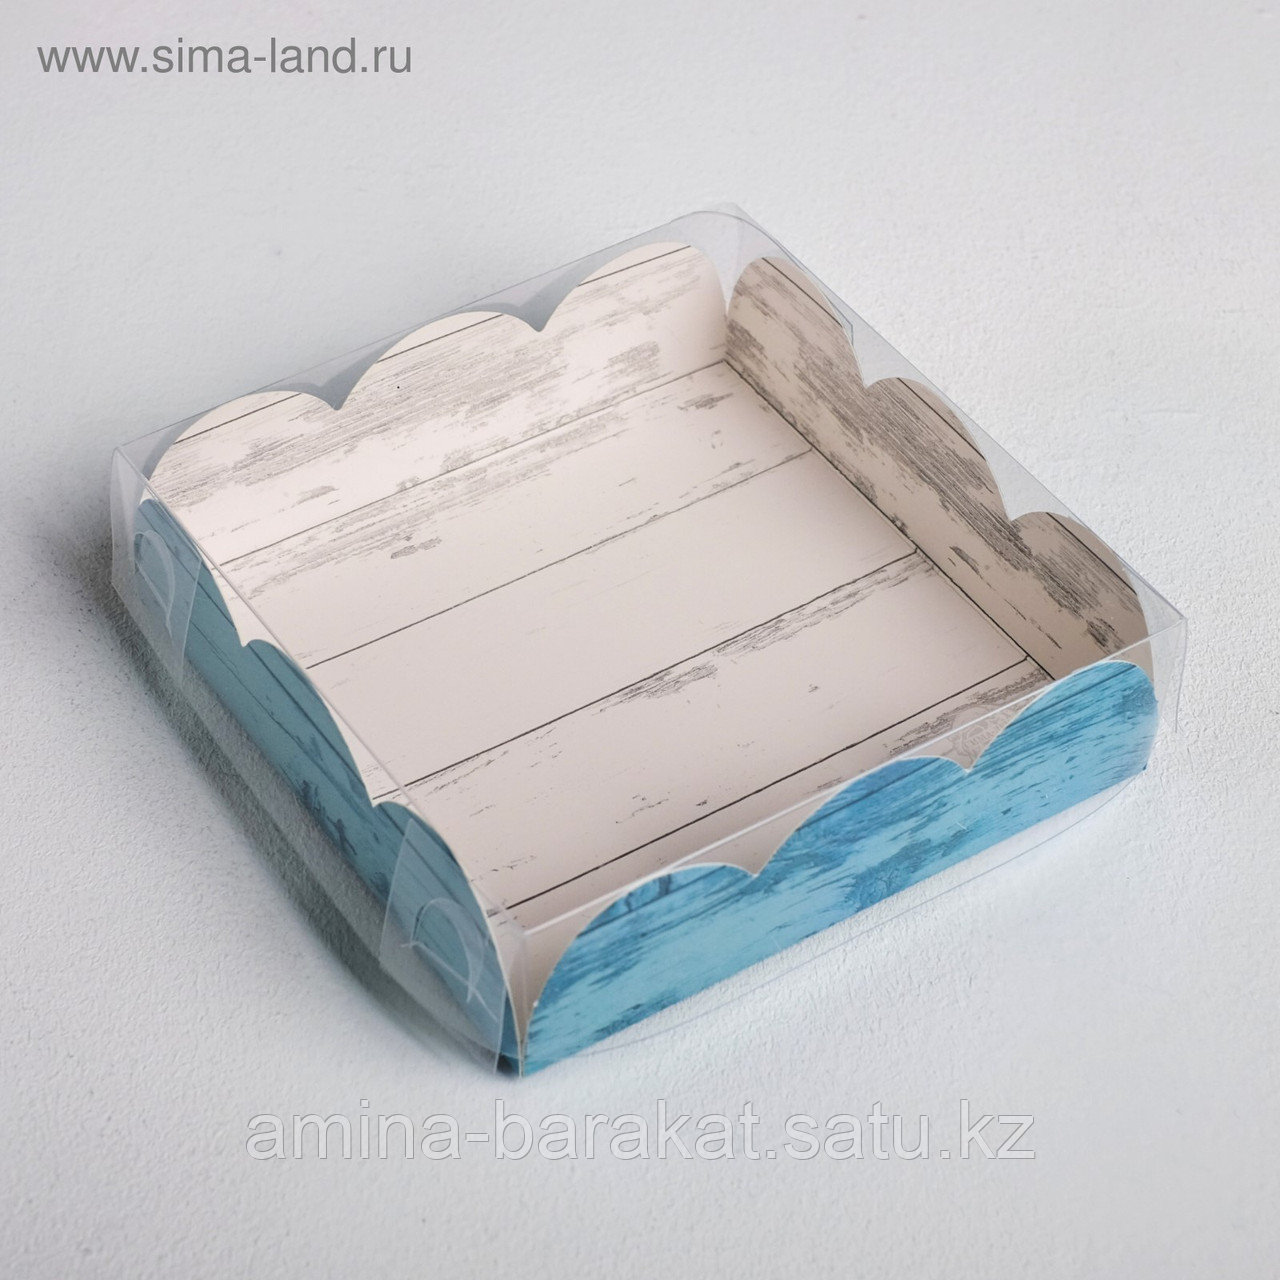 Коробка для кондитерских изделий с PVC-крышкой «Вкусно», 10,5 × 10,5 × 3 см